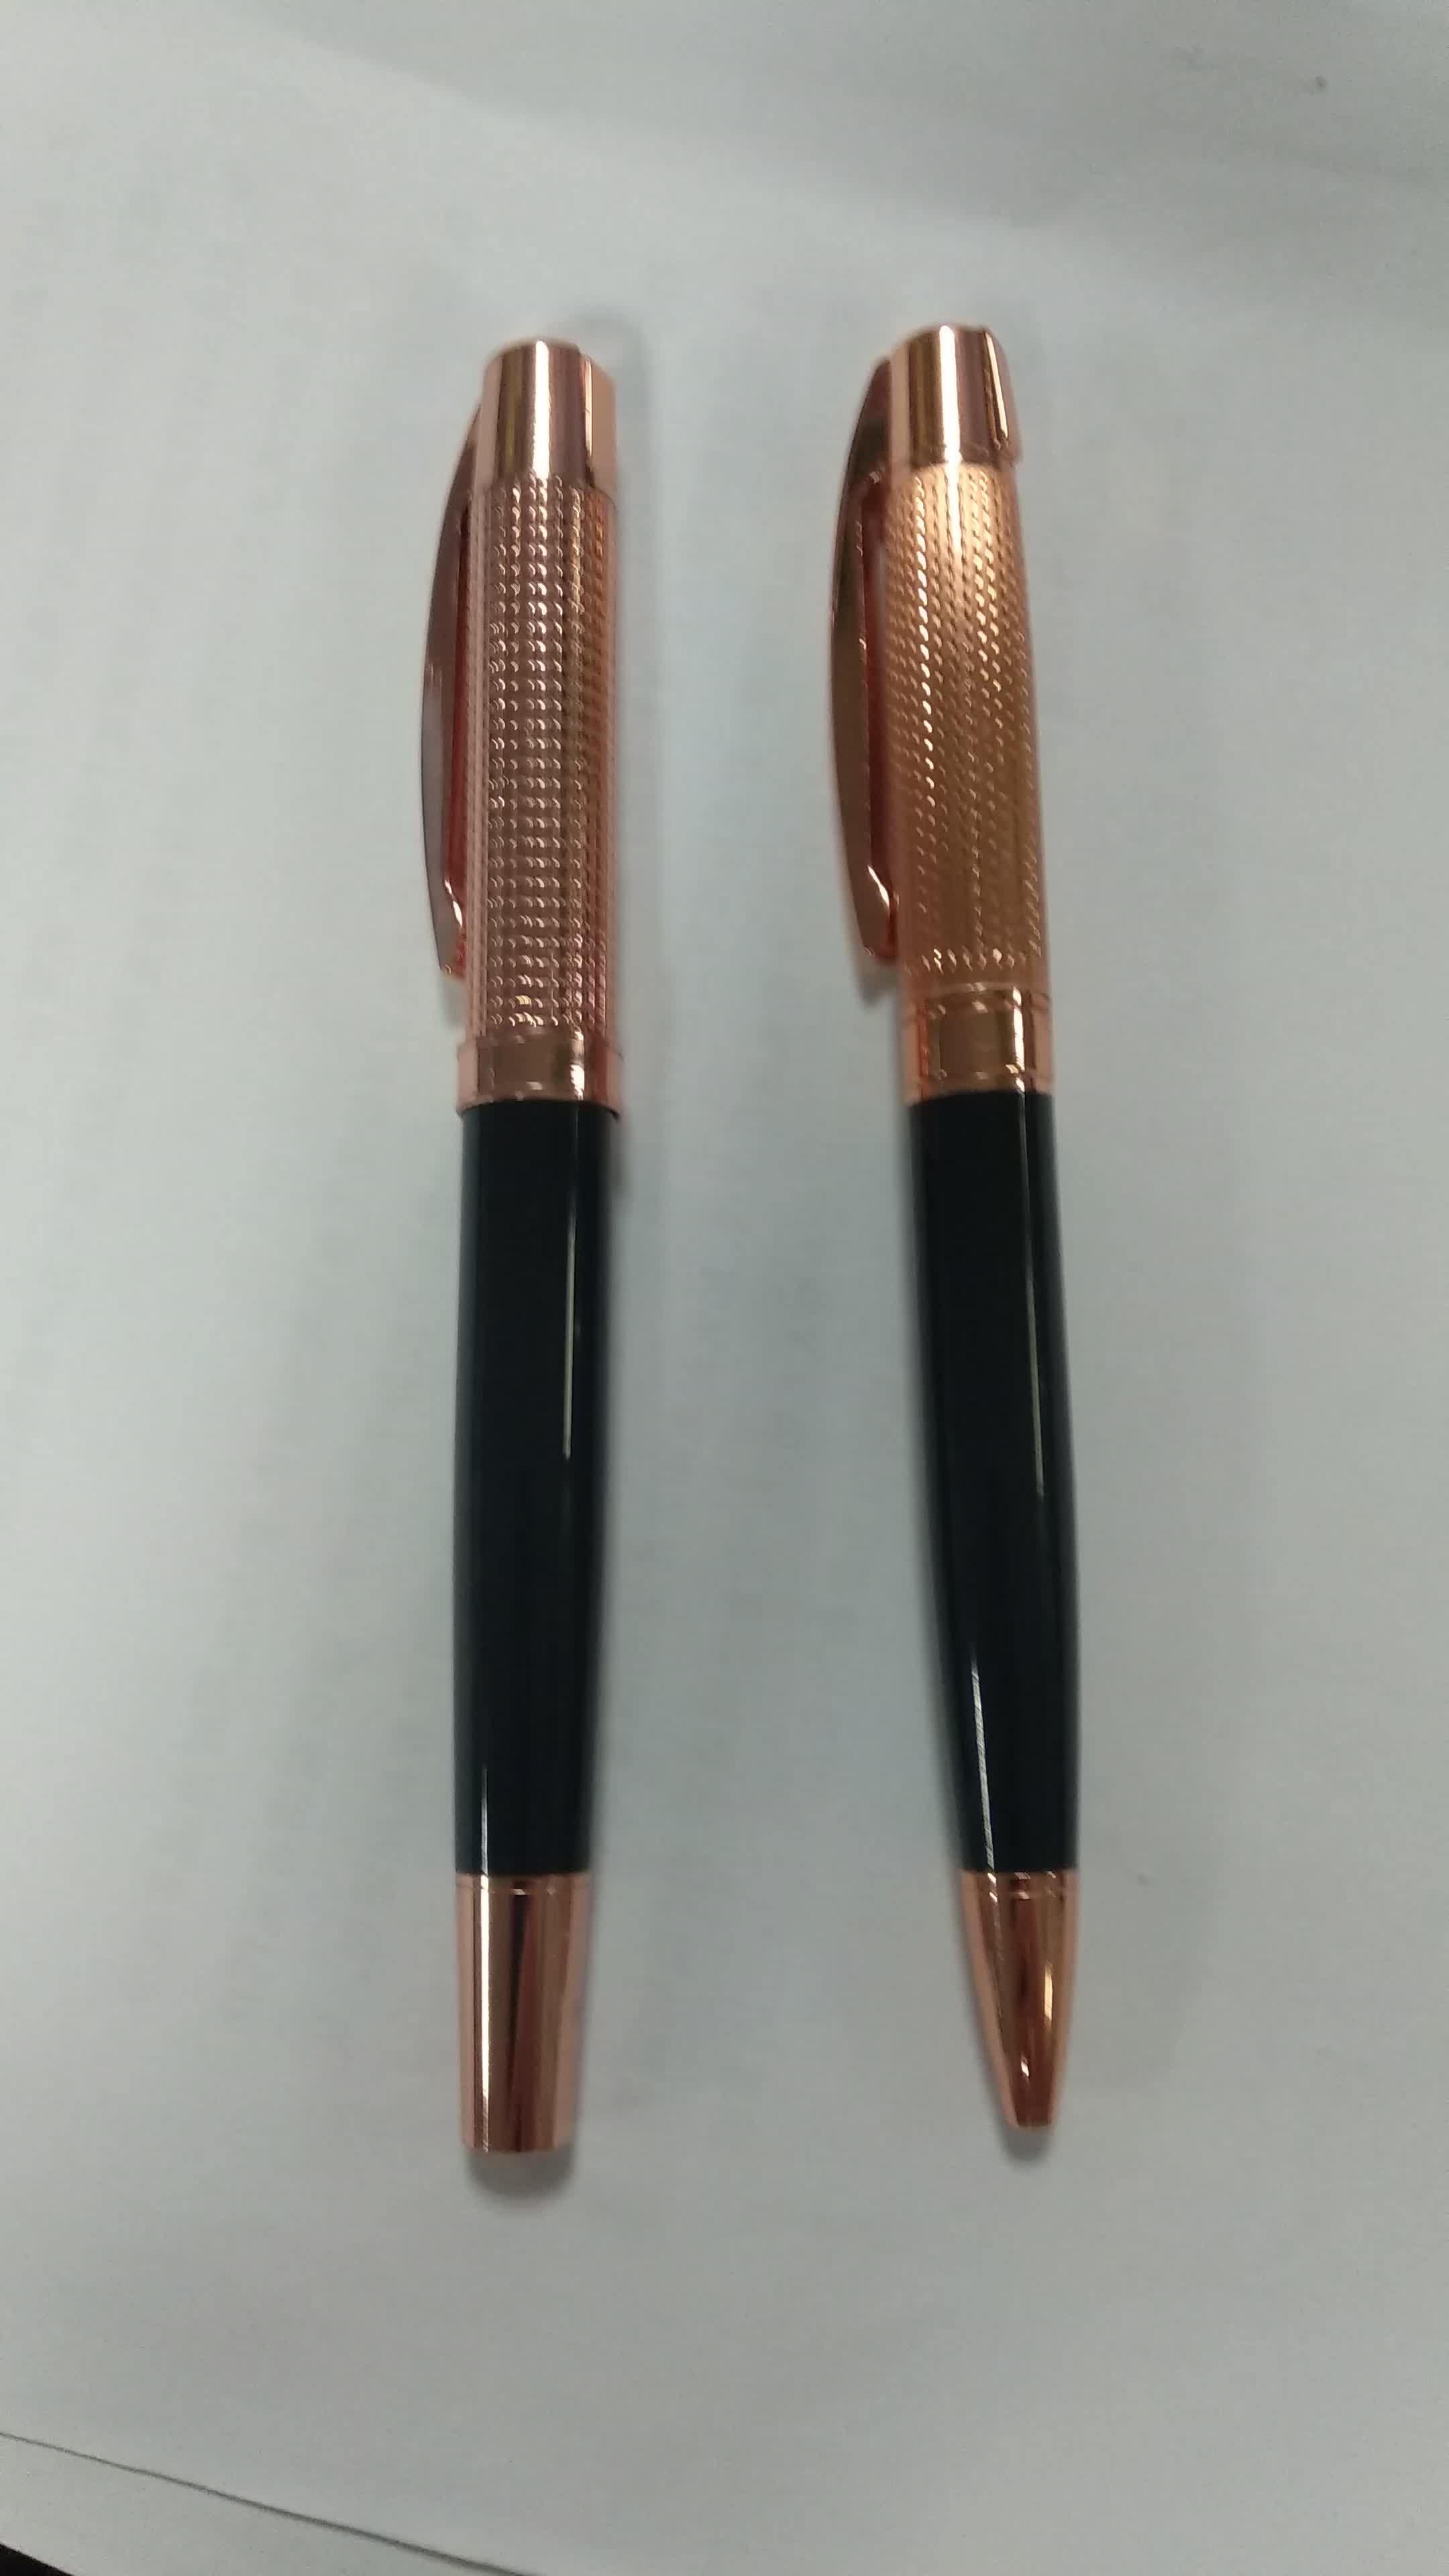 Anpassbare rose gold metall roller kugelschreiber für luxus geschenk markt